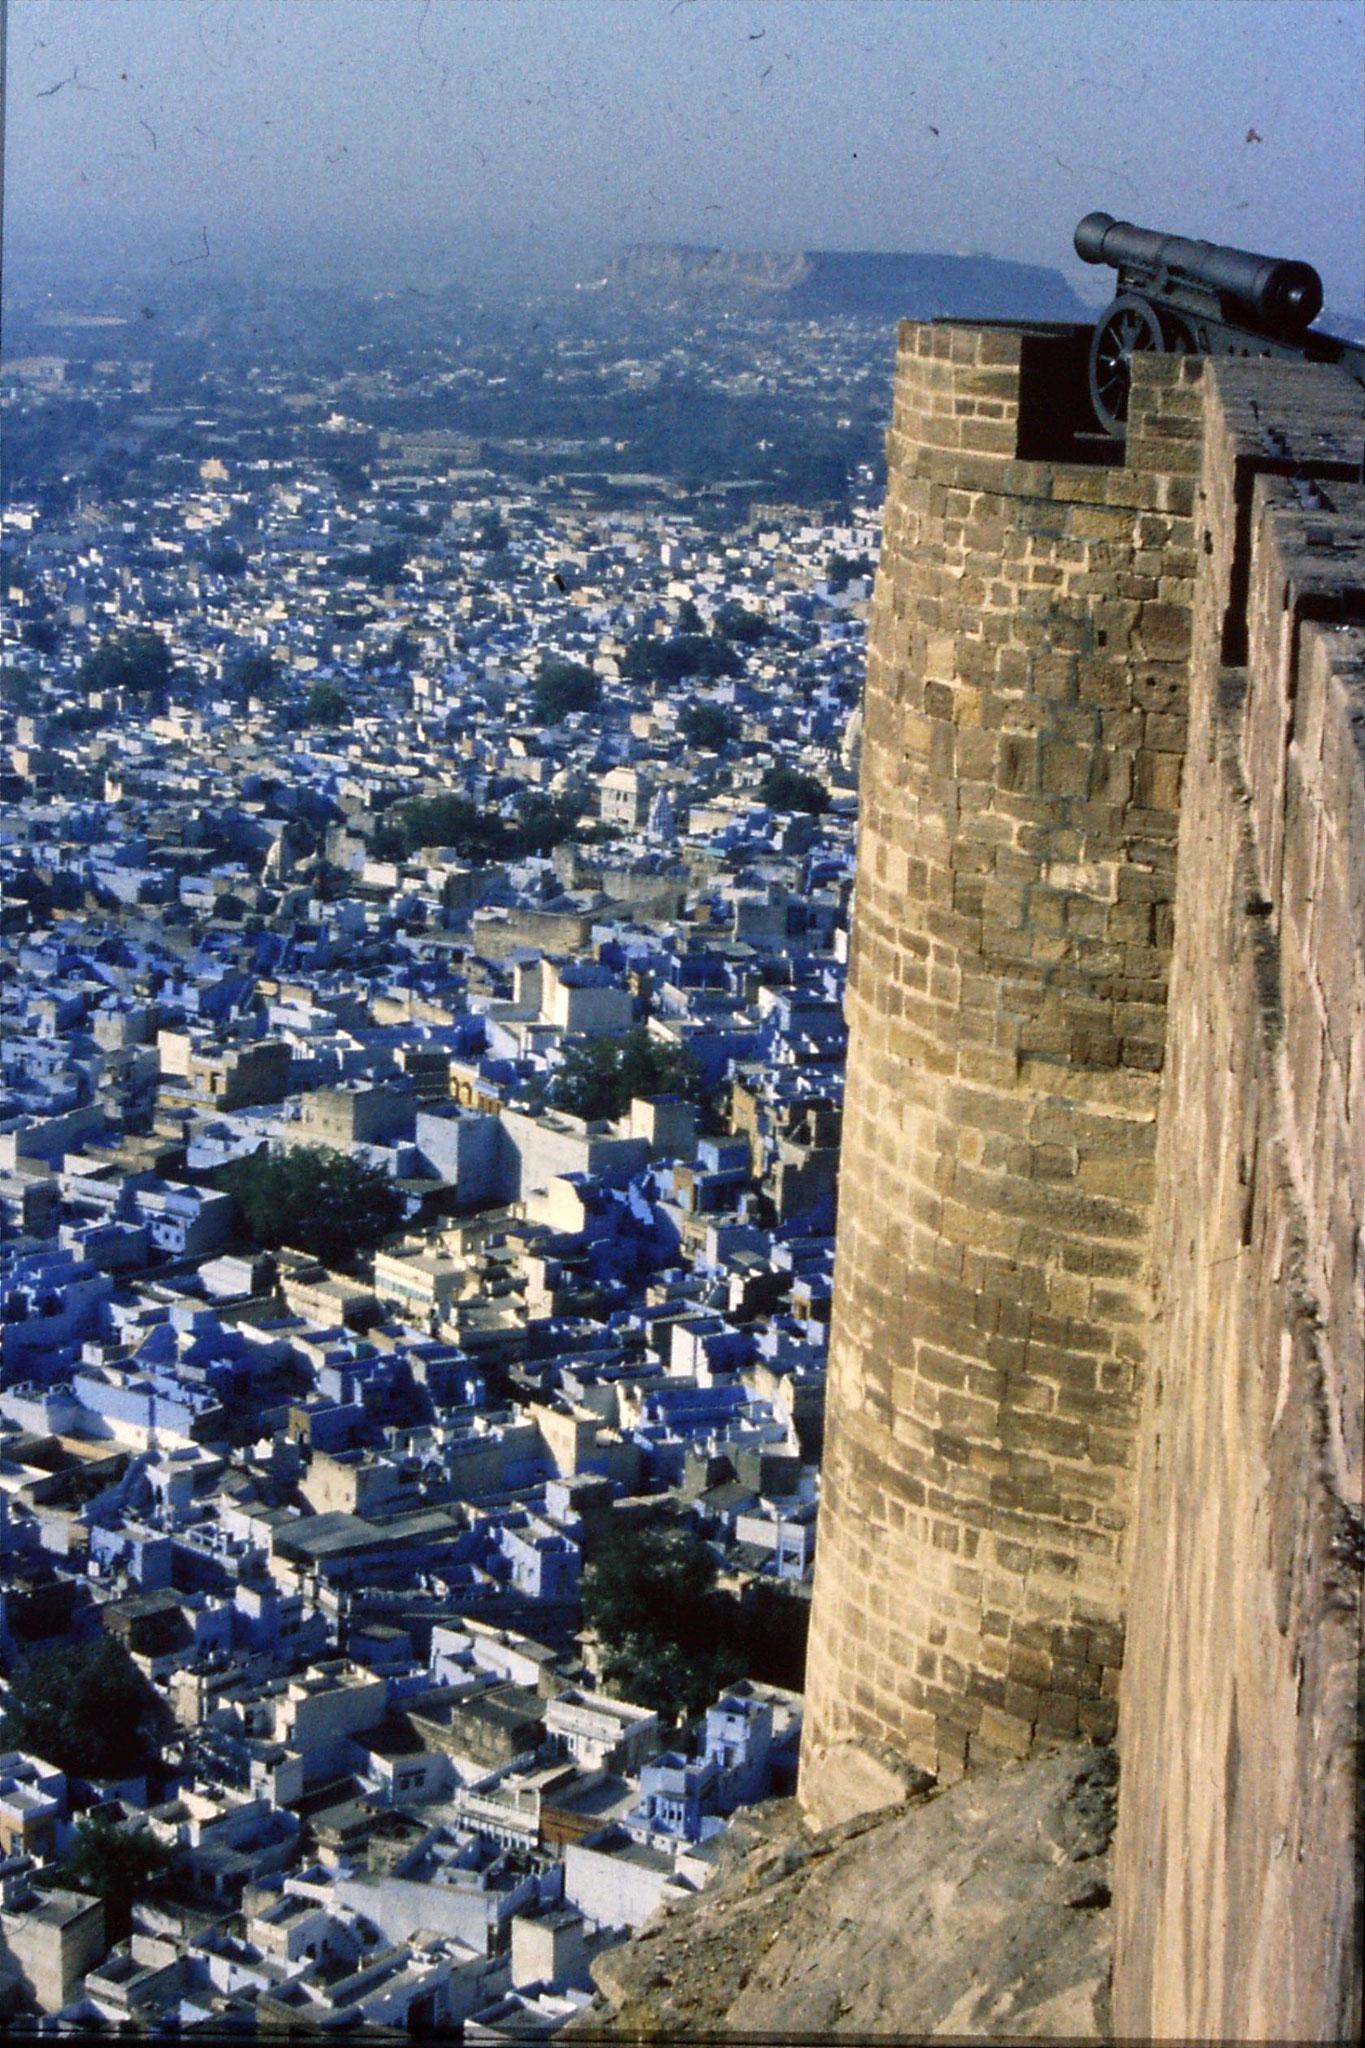 28/11/1989: 4: Jodhpur